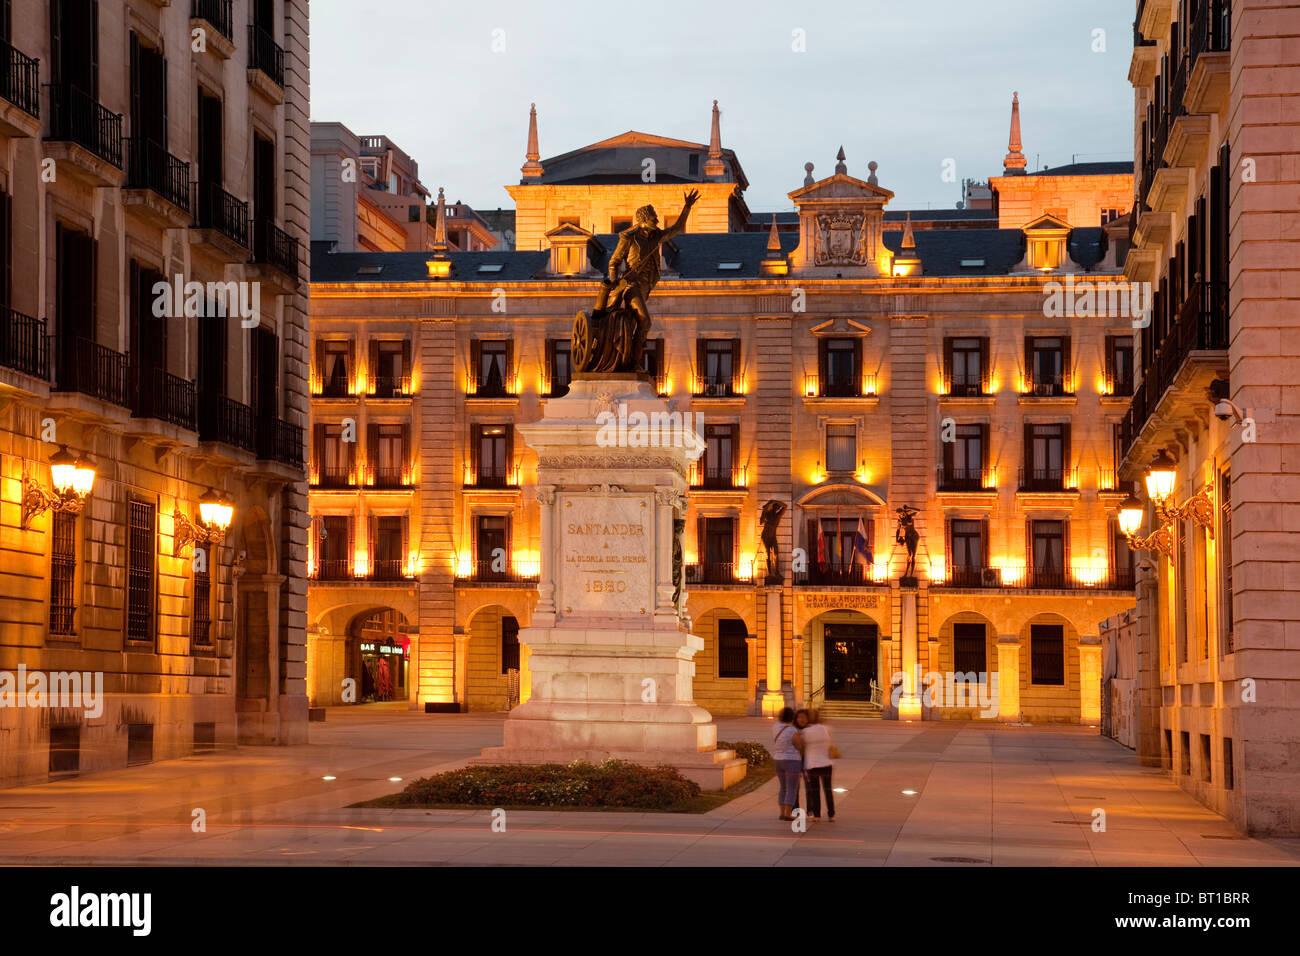 Plaza porticada en el centro hist rico de santander - Centro historico de madrid ...